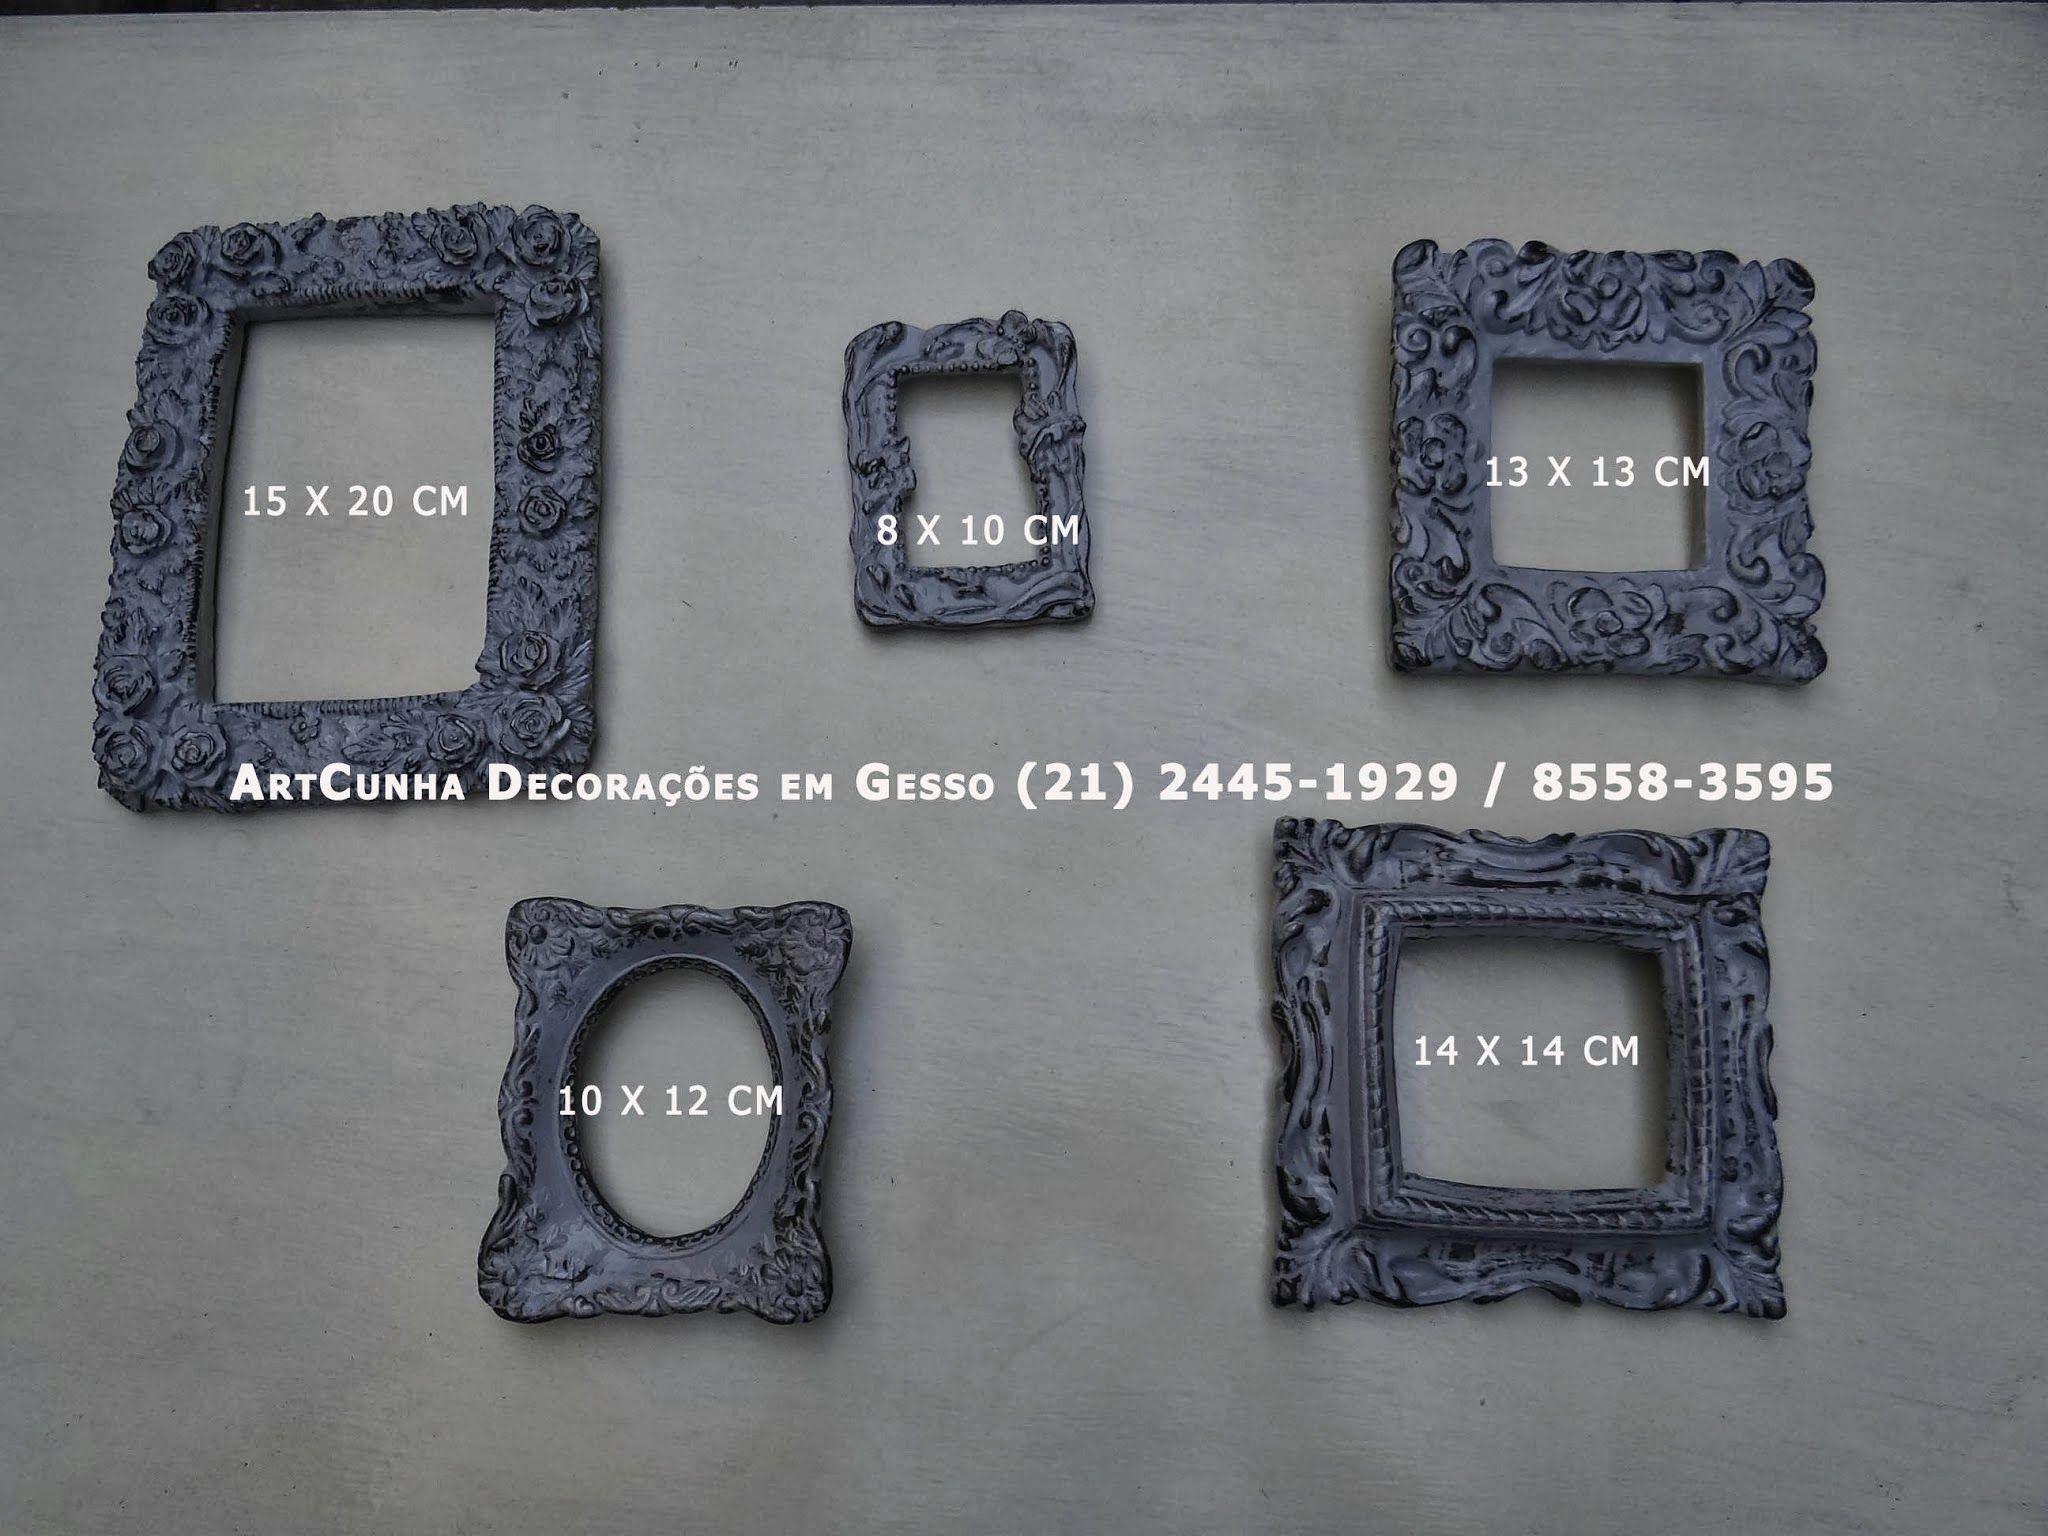 Molduras diversas. Artesanato em Gesso. ArtCunha Decorações. Est. Bandeirantes, 829, Taquara, Rio de Janeiro, RJ. Tel (21) 2445-1929 / 8558-3595.  #Moldura #Molduras #Decorar #Decoracao #Enfeite #Parede #Artesanato #Gesso #ArtCunha #Retrato #Foto #Fotografia #Espelho #Espelhos #Provencal